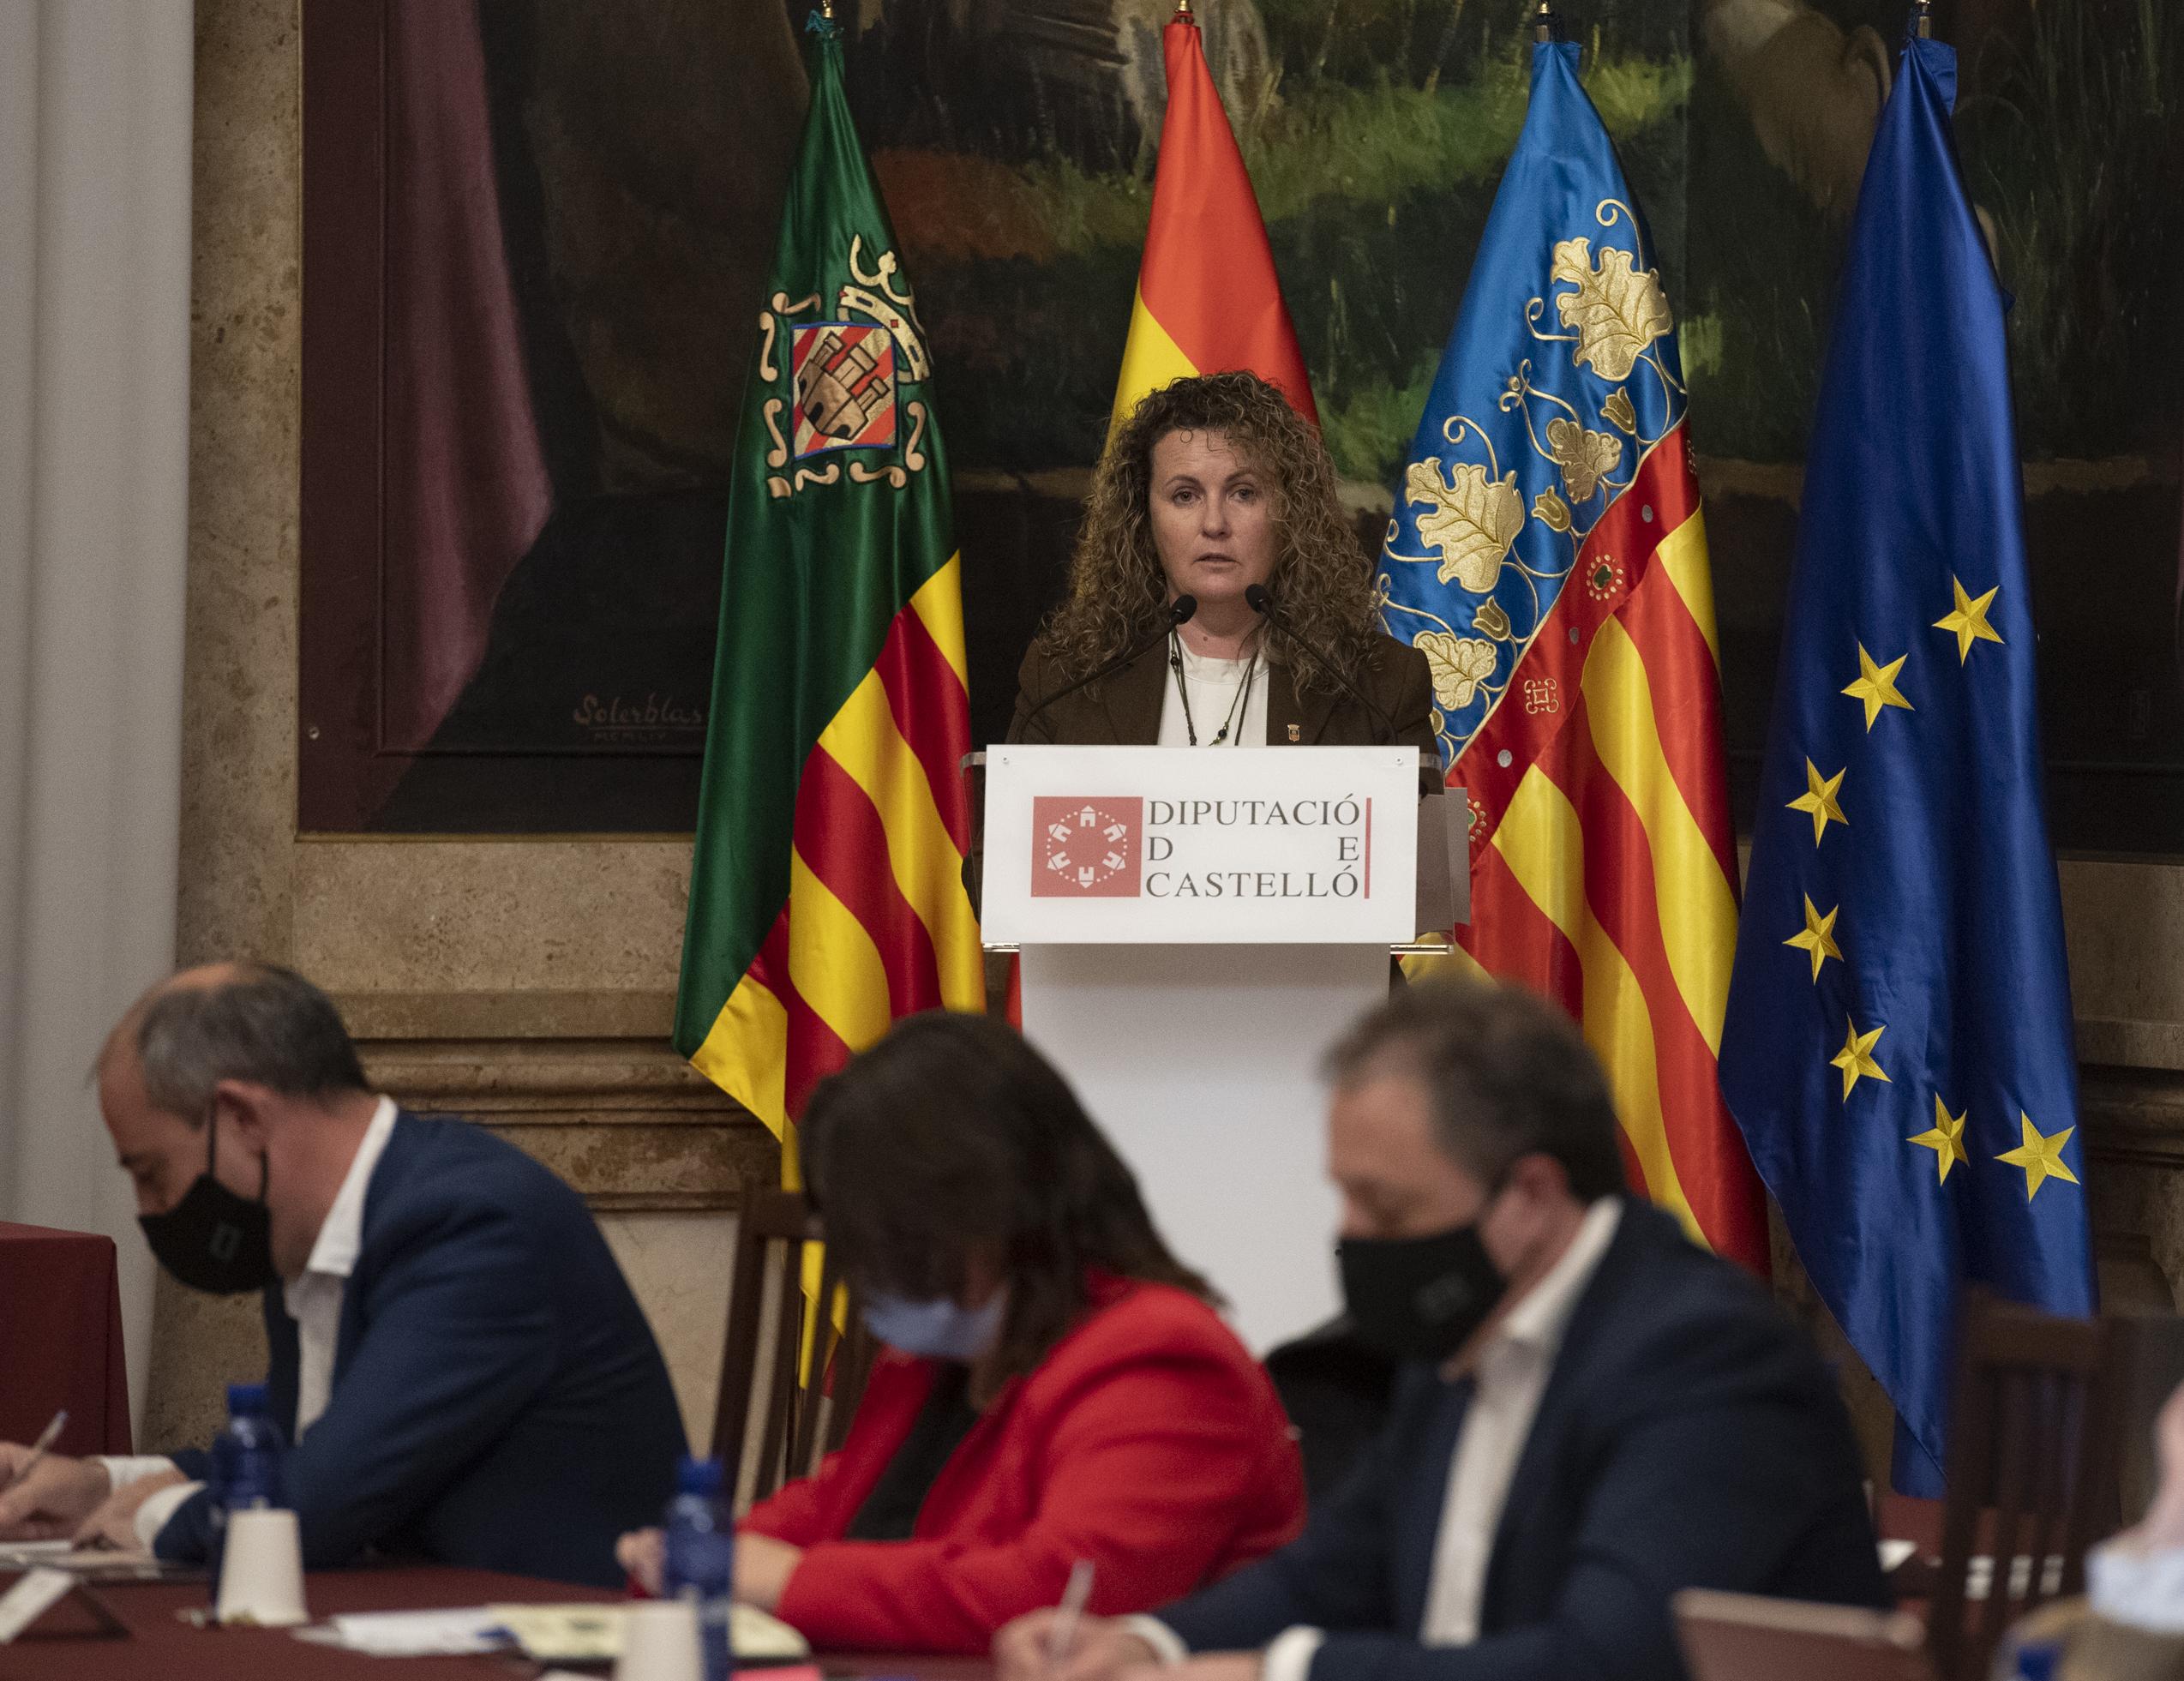 La Diputación de Castellón confía en la constitución de la comisión de patrimonio para encontrar la mejor ubicación posible al futuro Conservatorio de Castelló